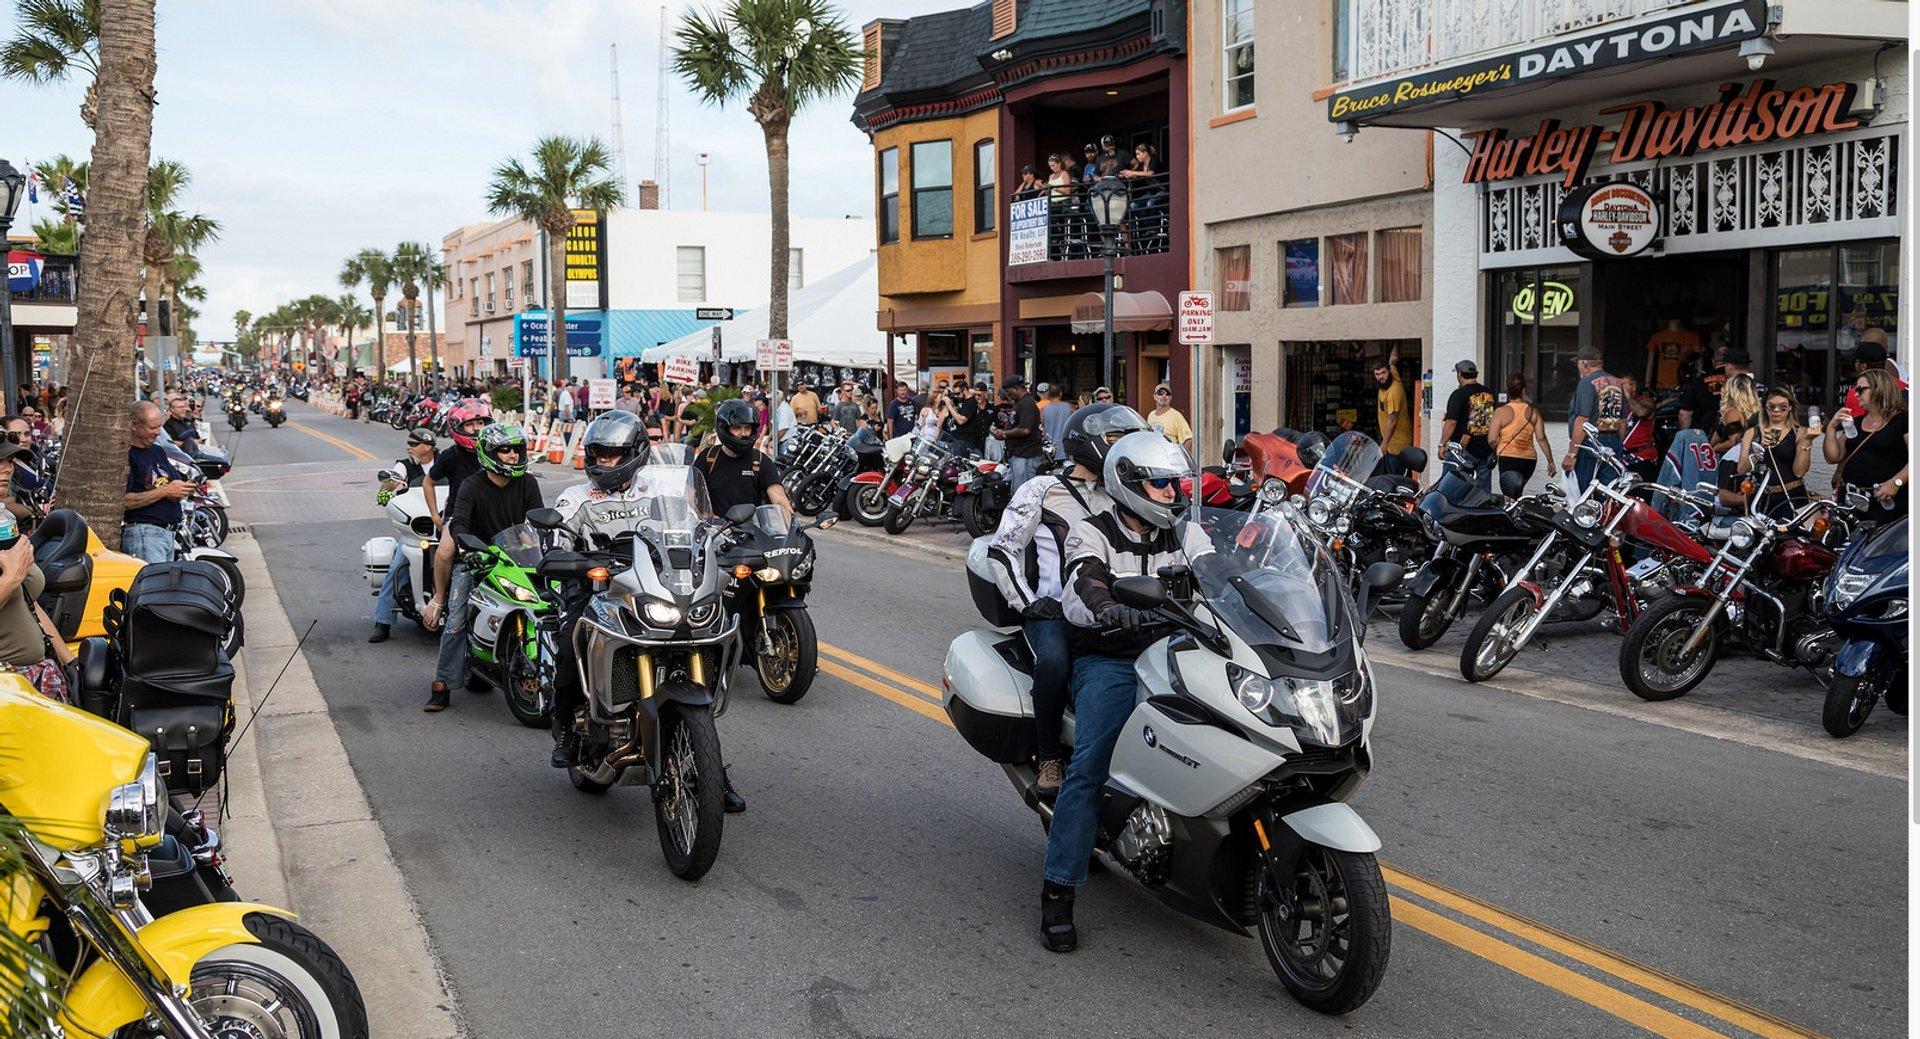 Best time to see Daytona Beach Bike Week in Florida 2020